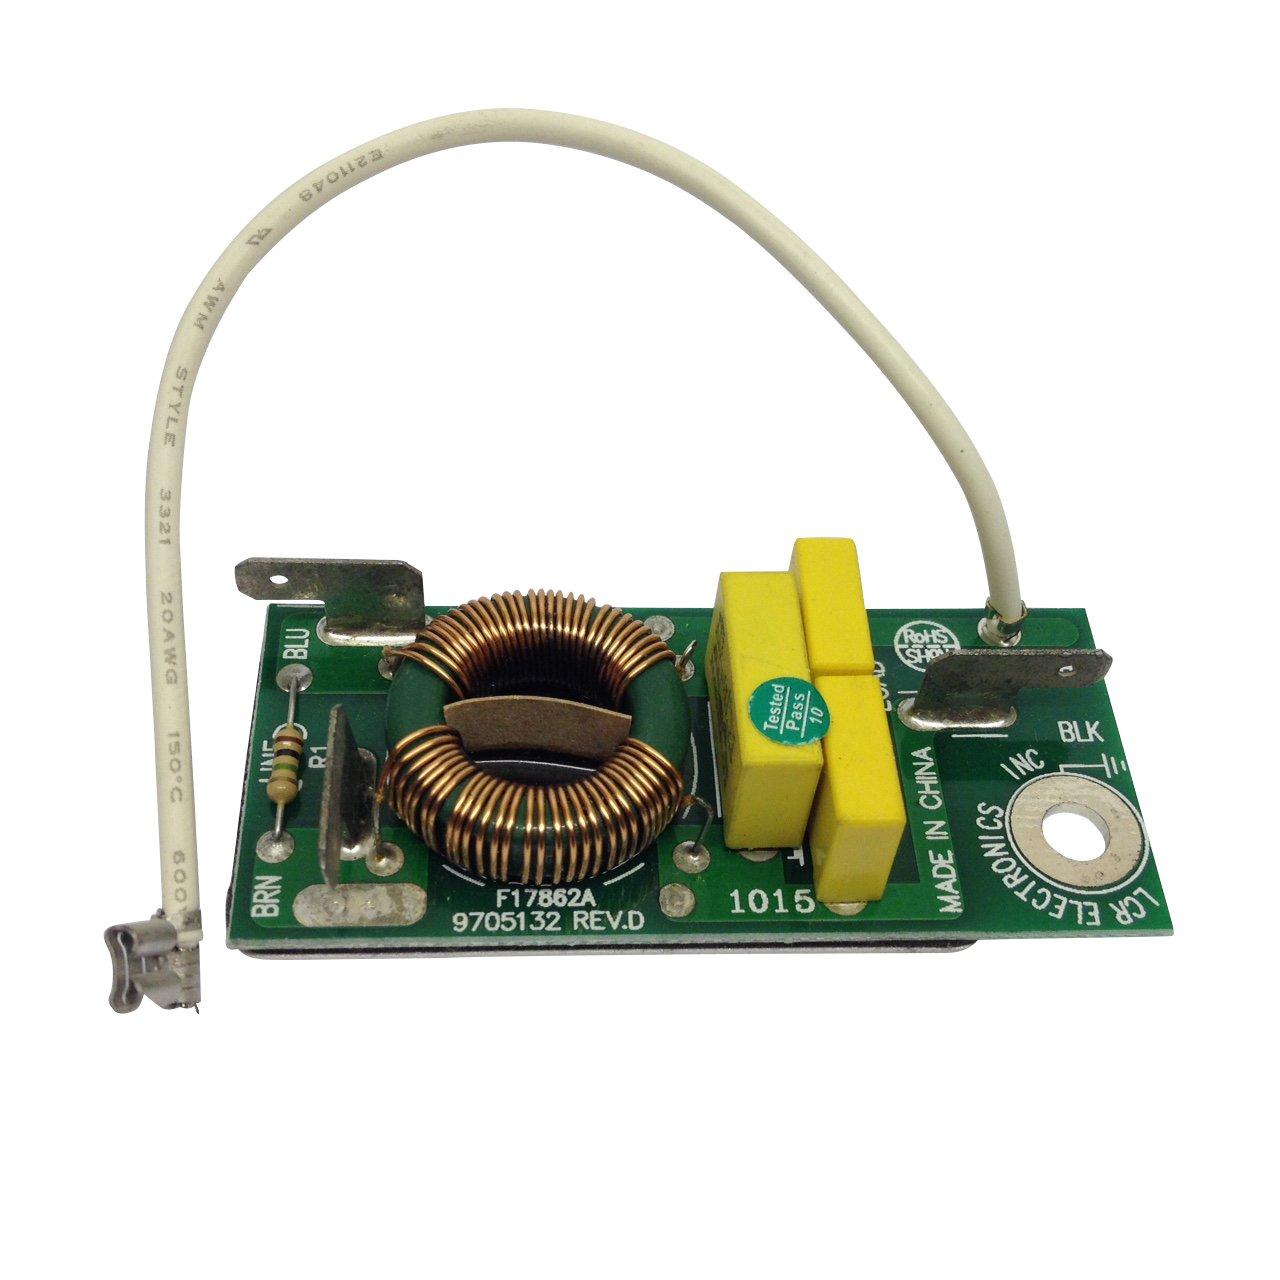 KitchenAid mixer circuito filtro interferenze RF (RFI PCB) 9705132